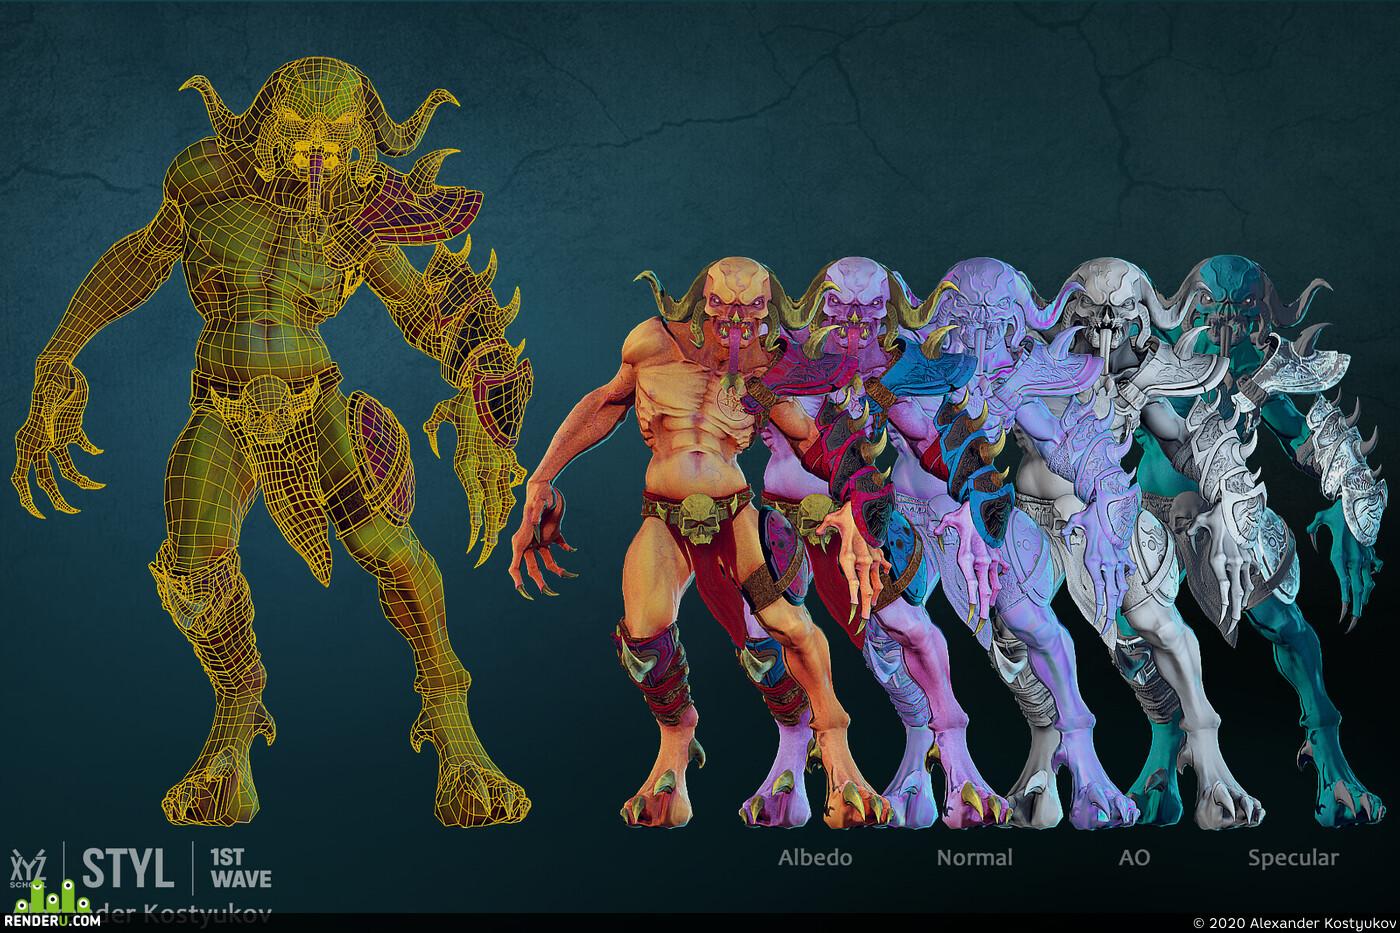 Digital 3D, Concept art, Creatures, Character Modeling, XYZschool, creature, fantasy creature, creature design